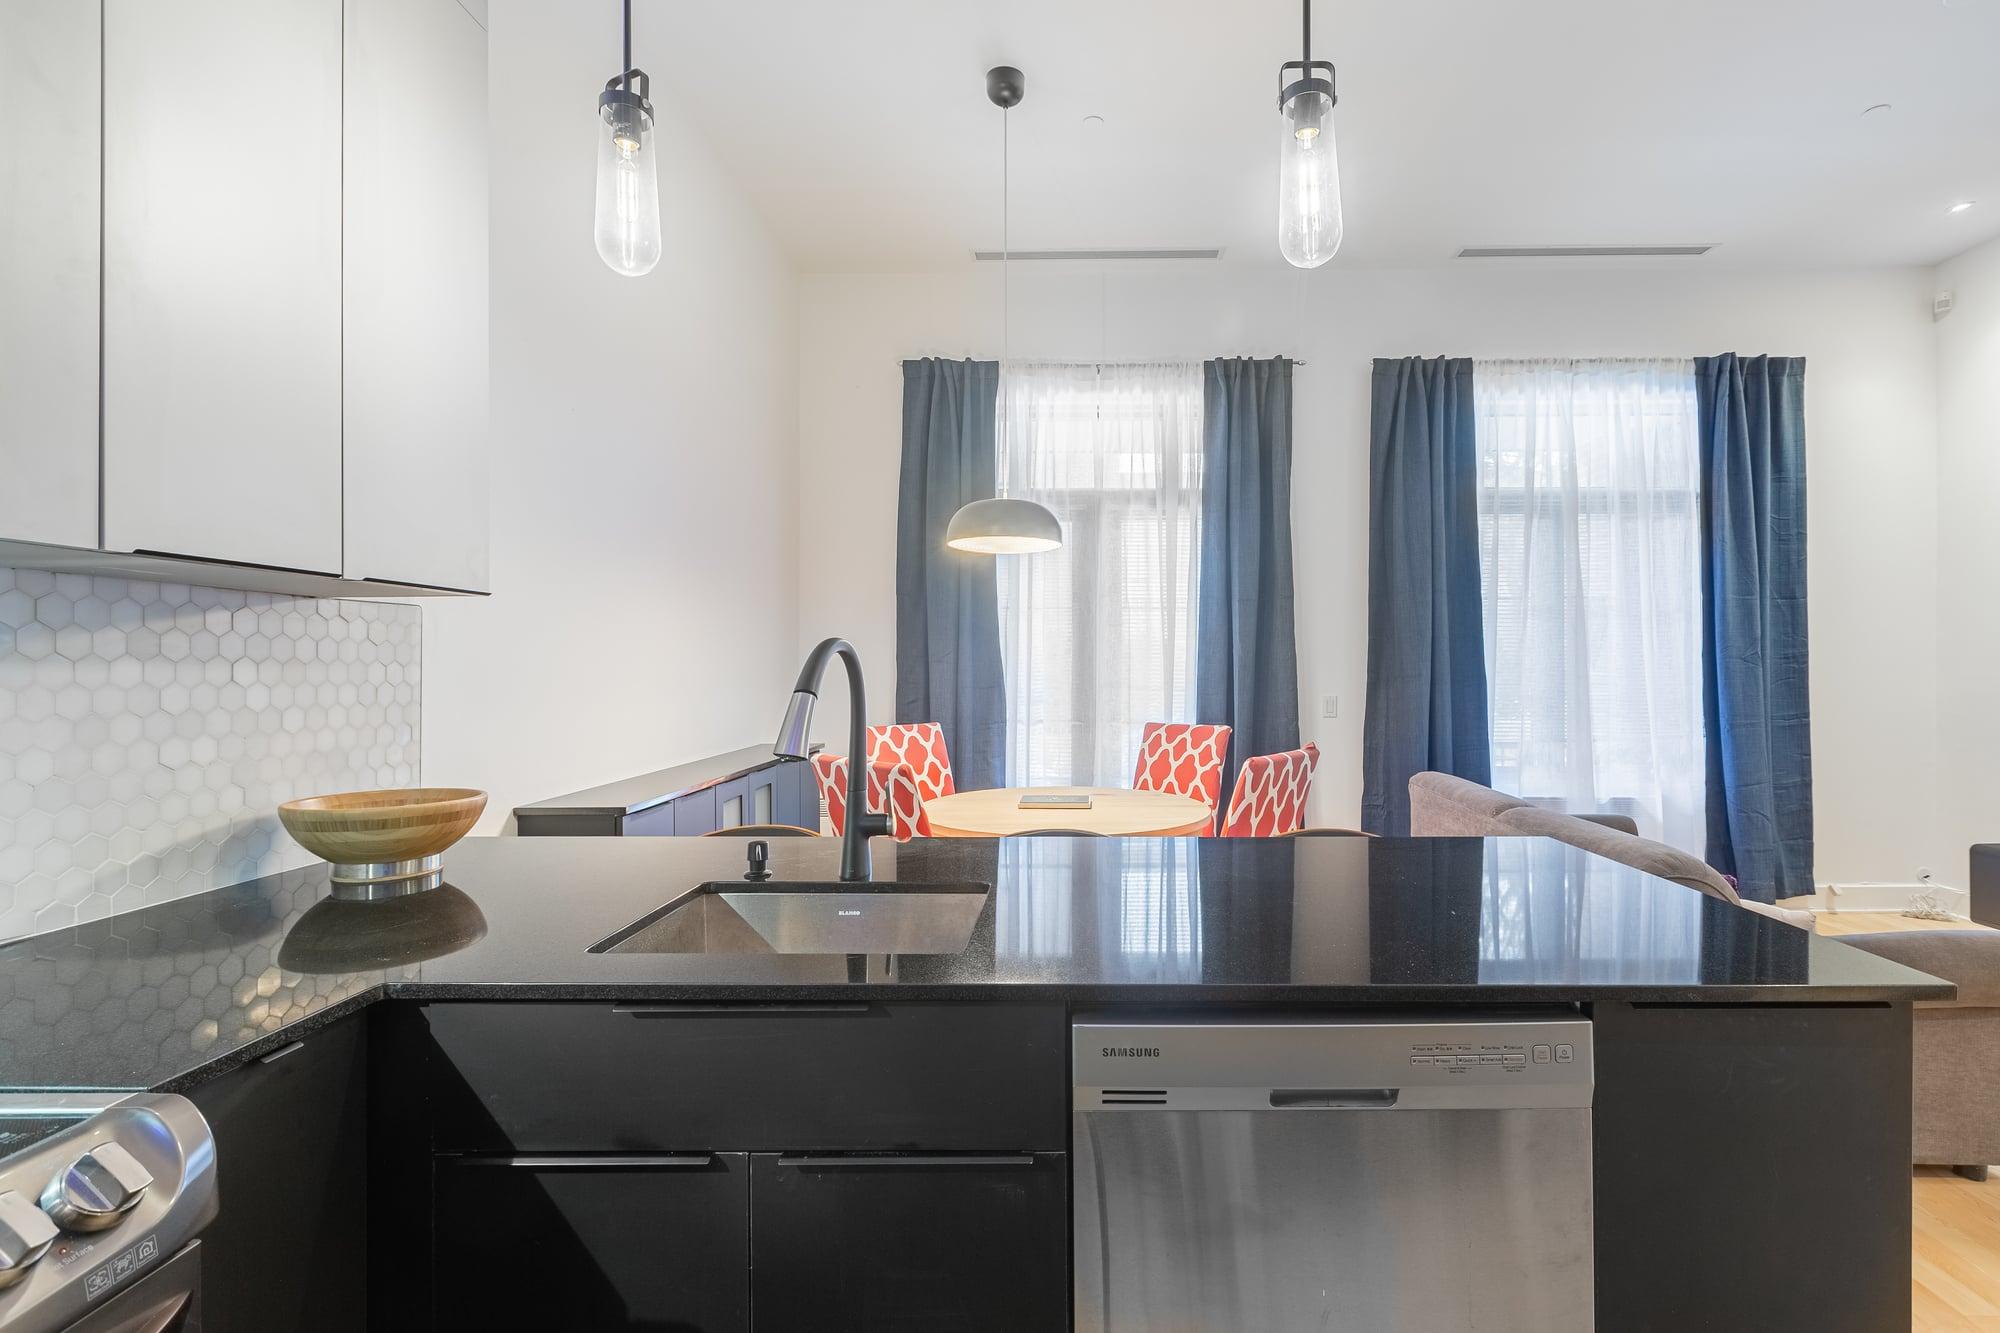 cuisine moderne design avec armoires deux tons et comptoir noir